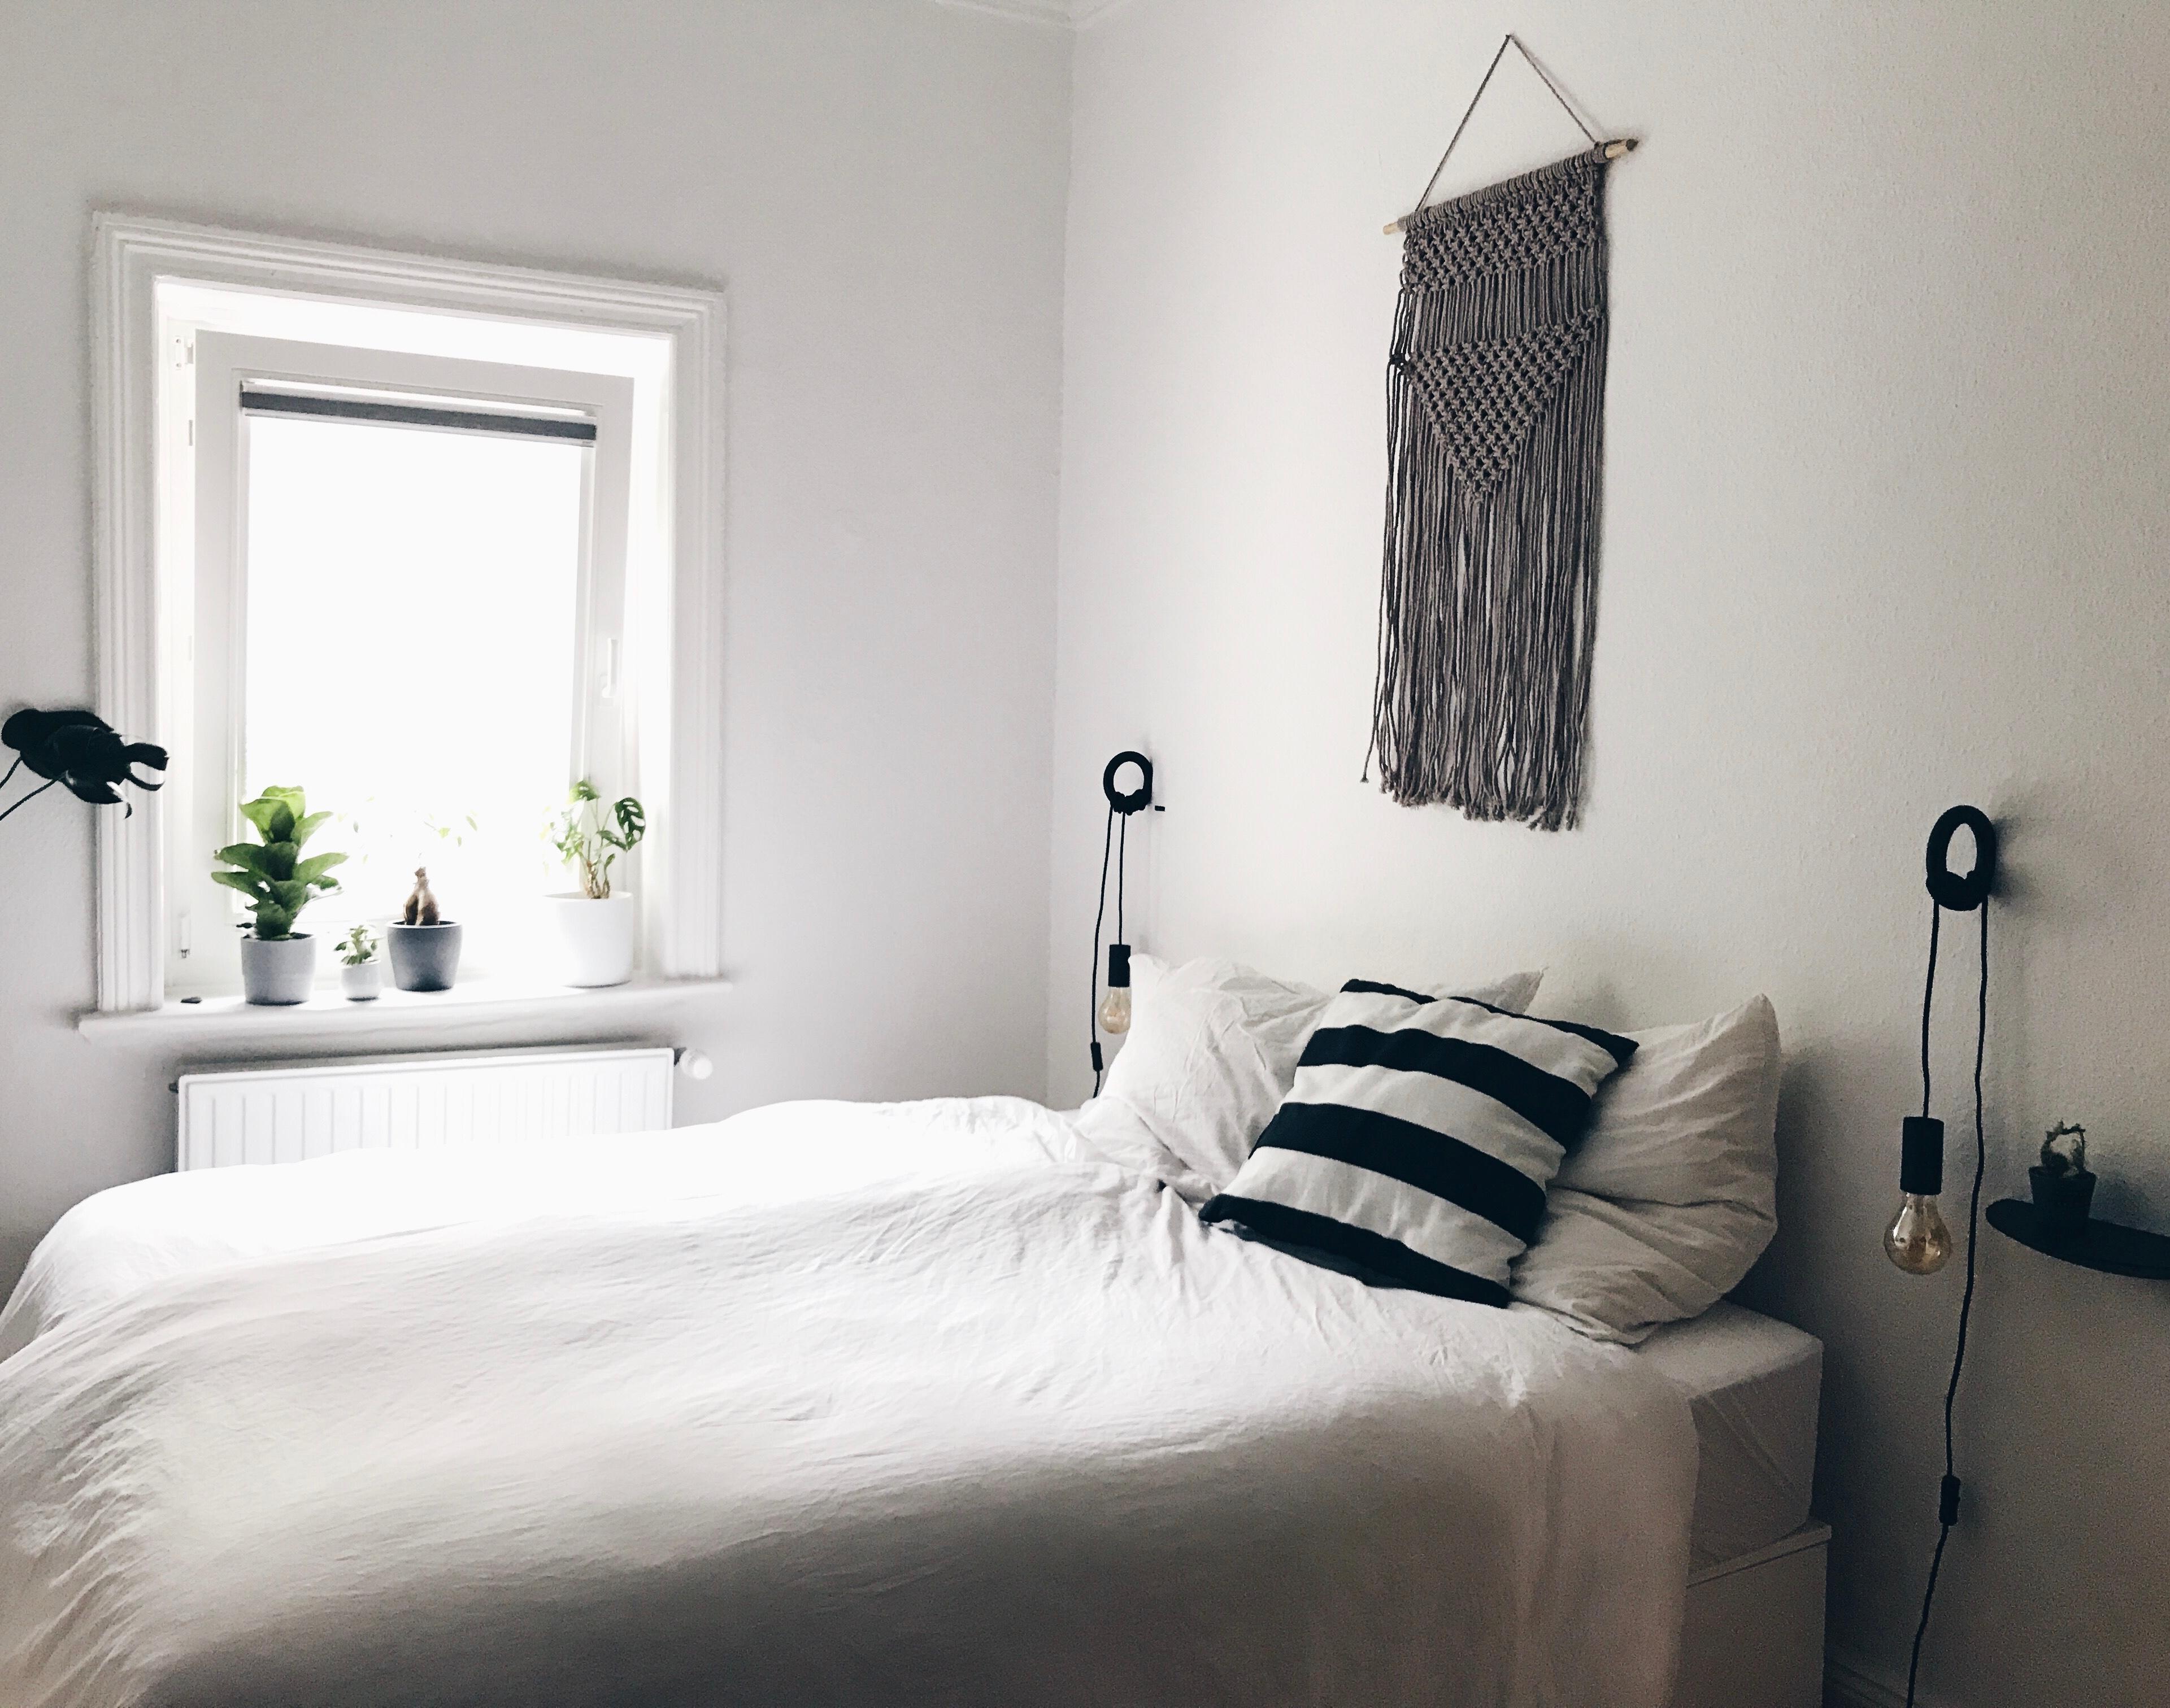 Wunderbar Wohnideen Schlafzimmer Wei Minimalist   Wohndesign